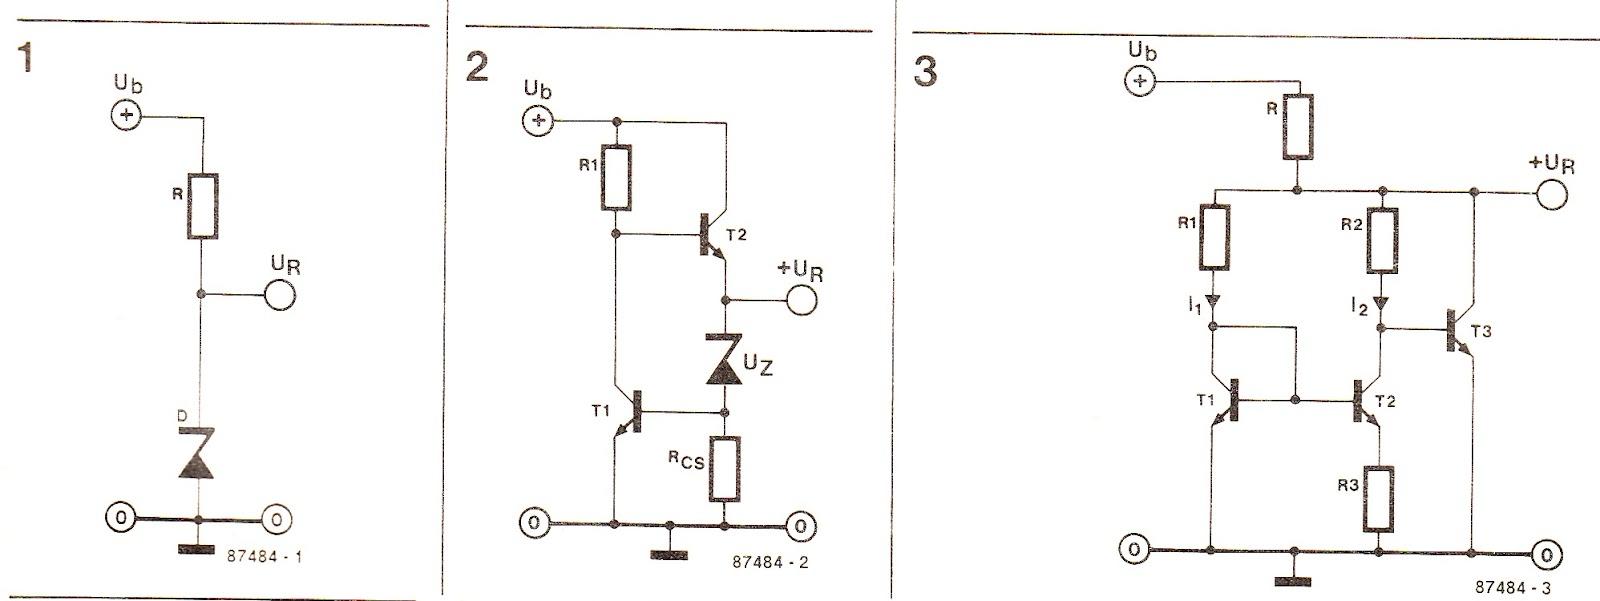 zener diode circuit zener diode voltage regulator circuit zener diode diagram zener regulator circuit diode in [ 1600 x 601 Pixel ]